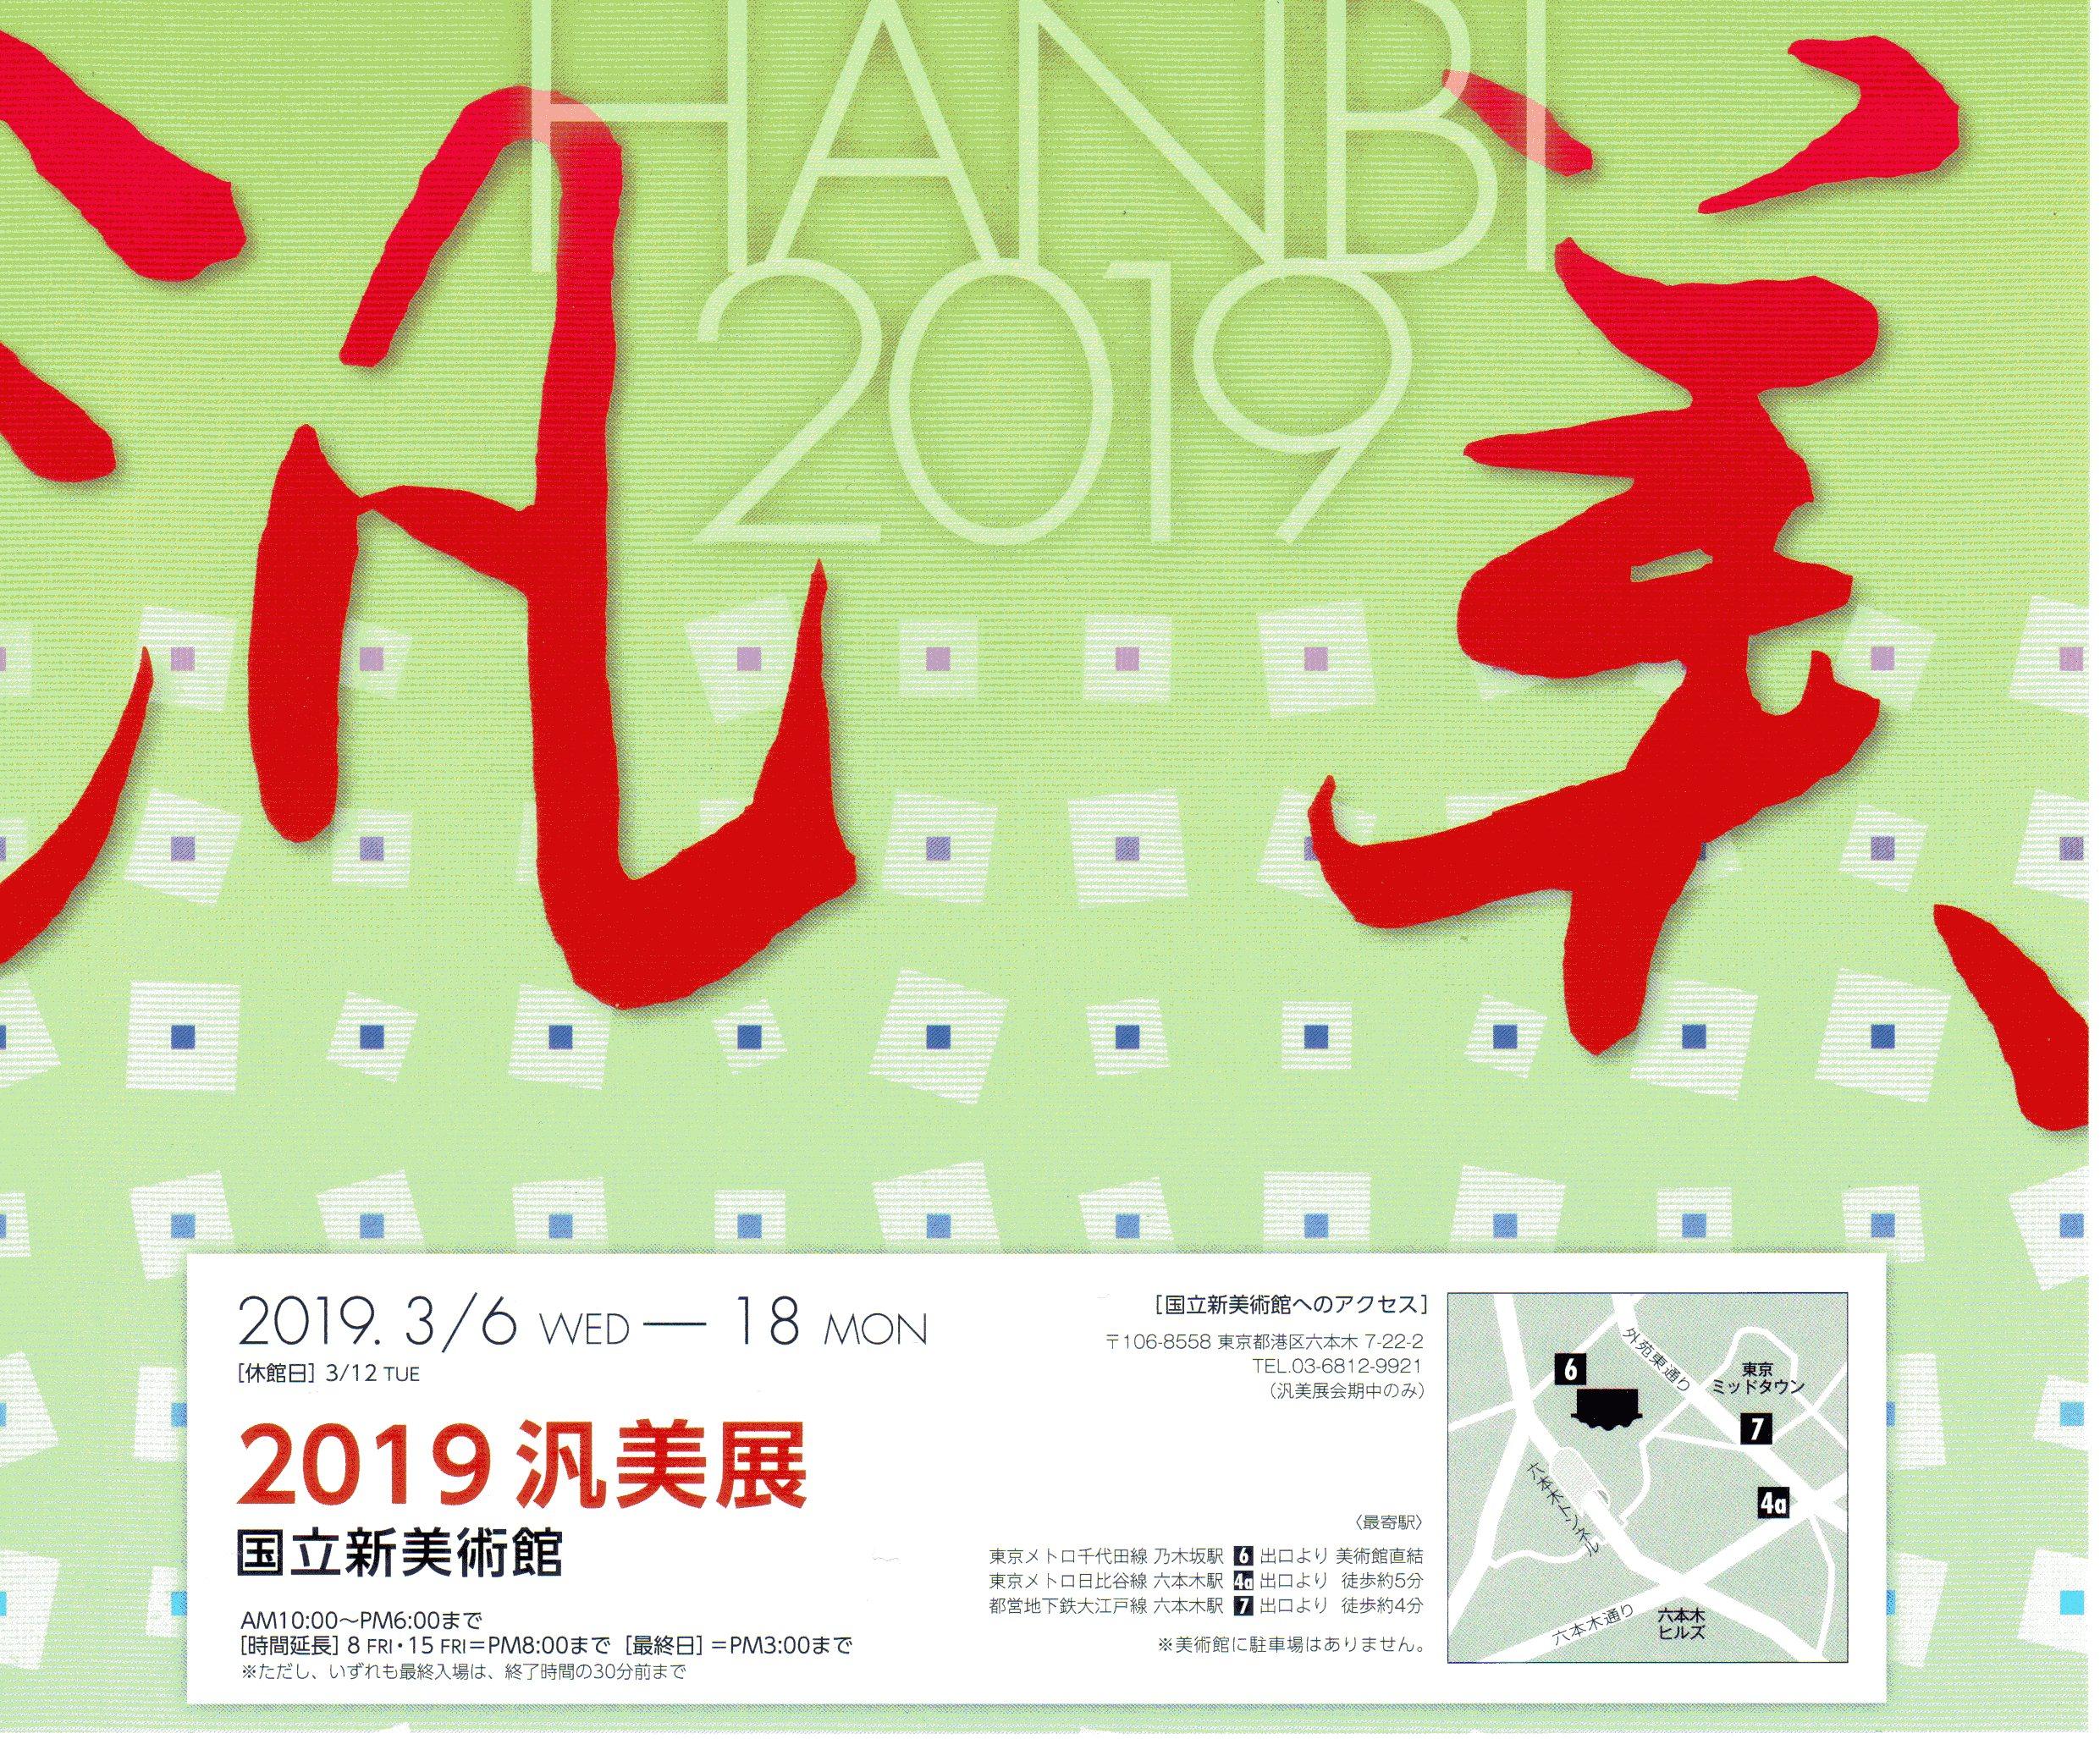 「汎美展」20190216201.jpg